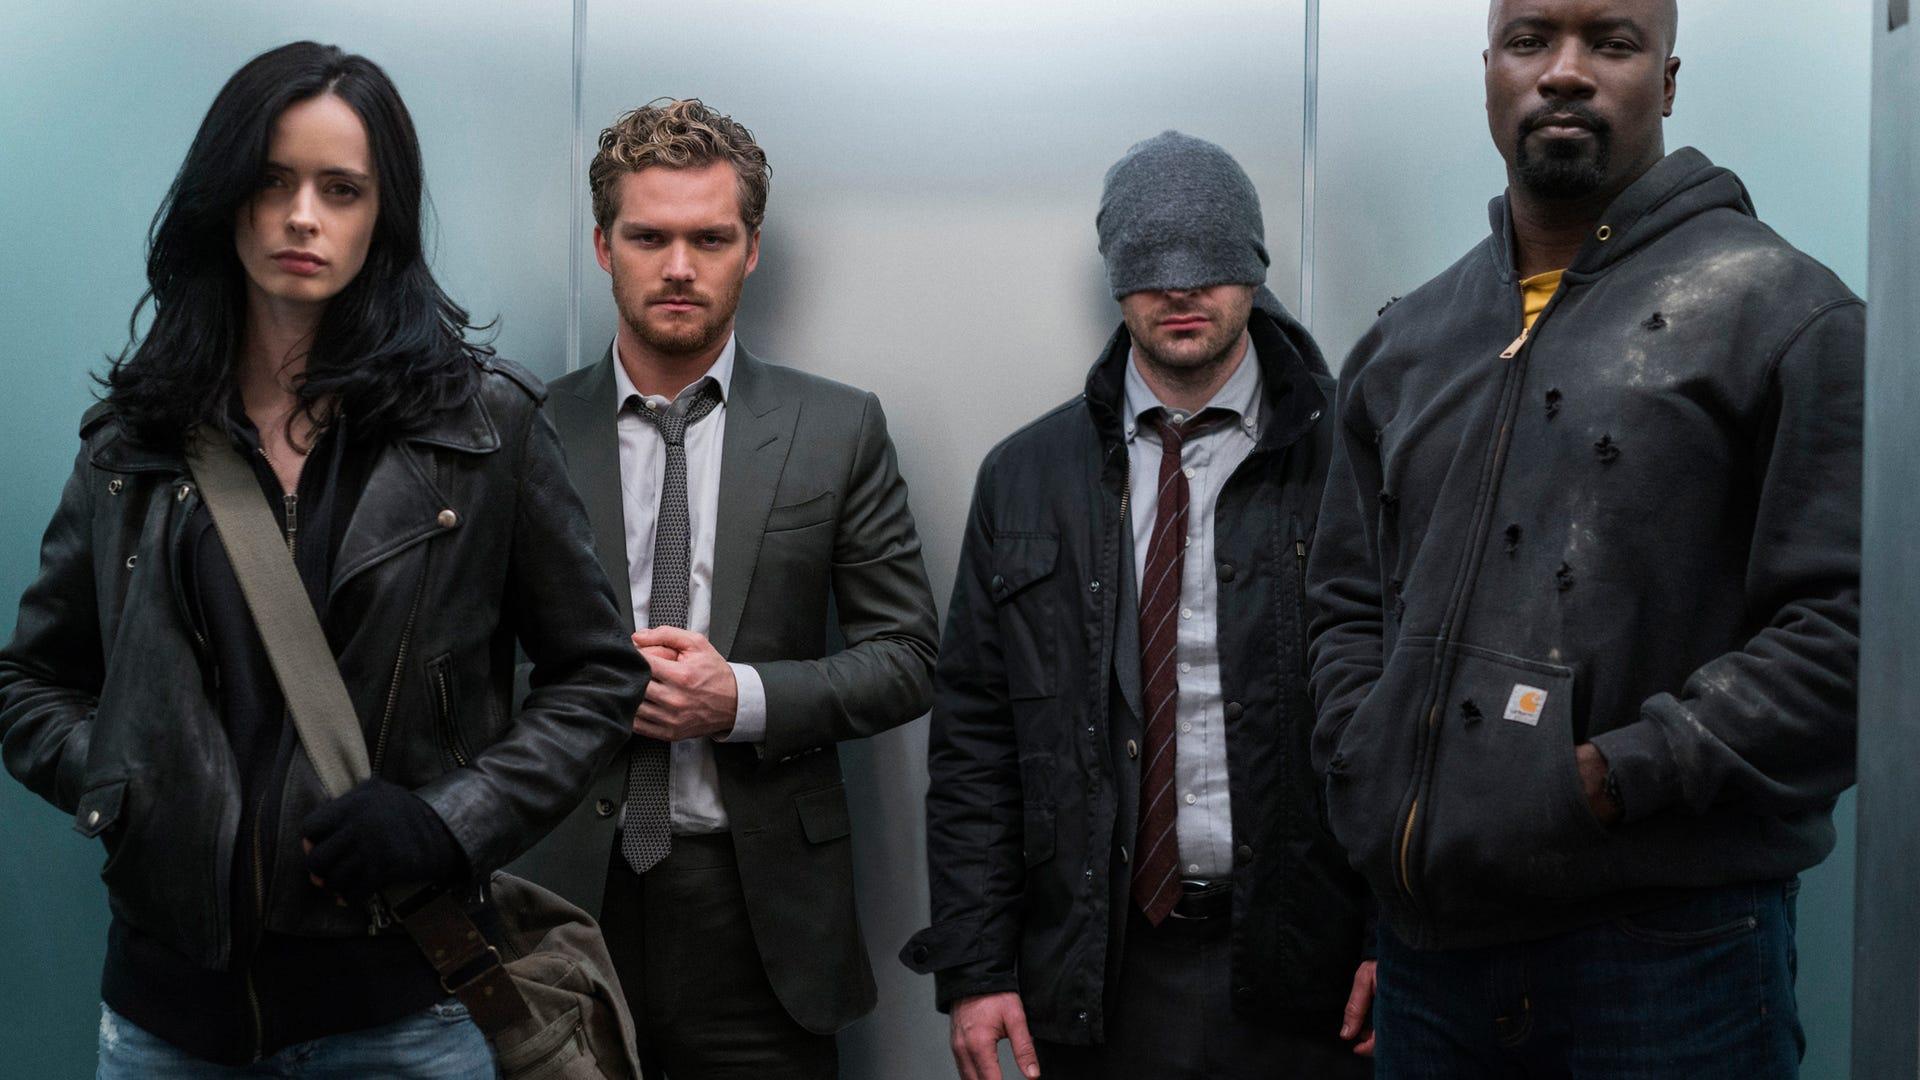 Krysten Ritter, Finn Jones, Charlie Cox, Mike Colter; Marvel's The Defenders